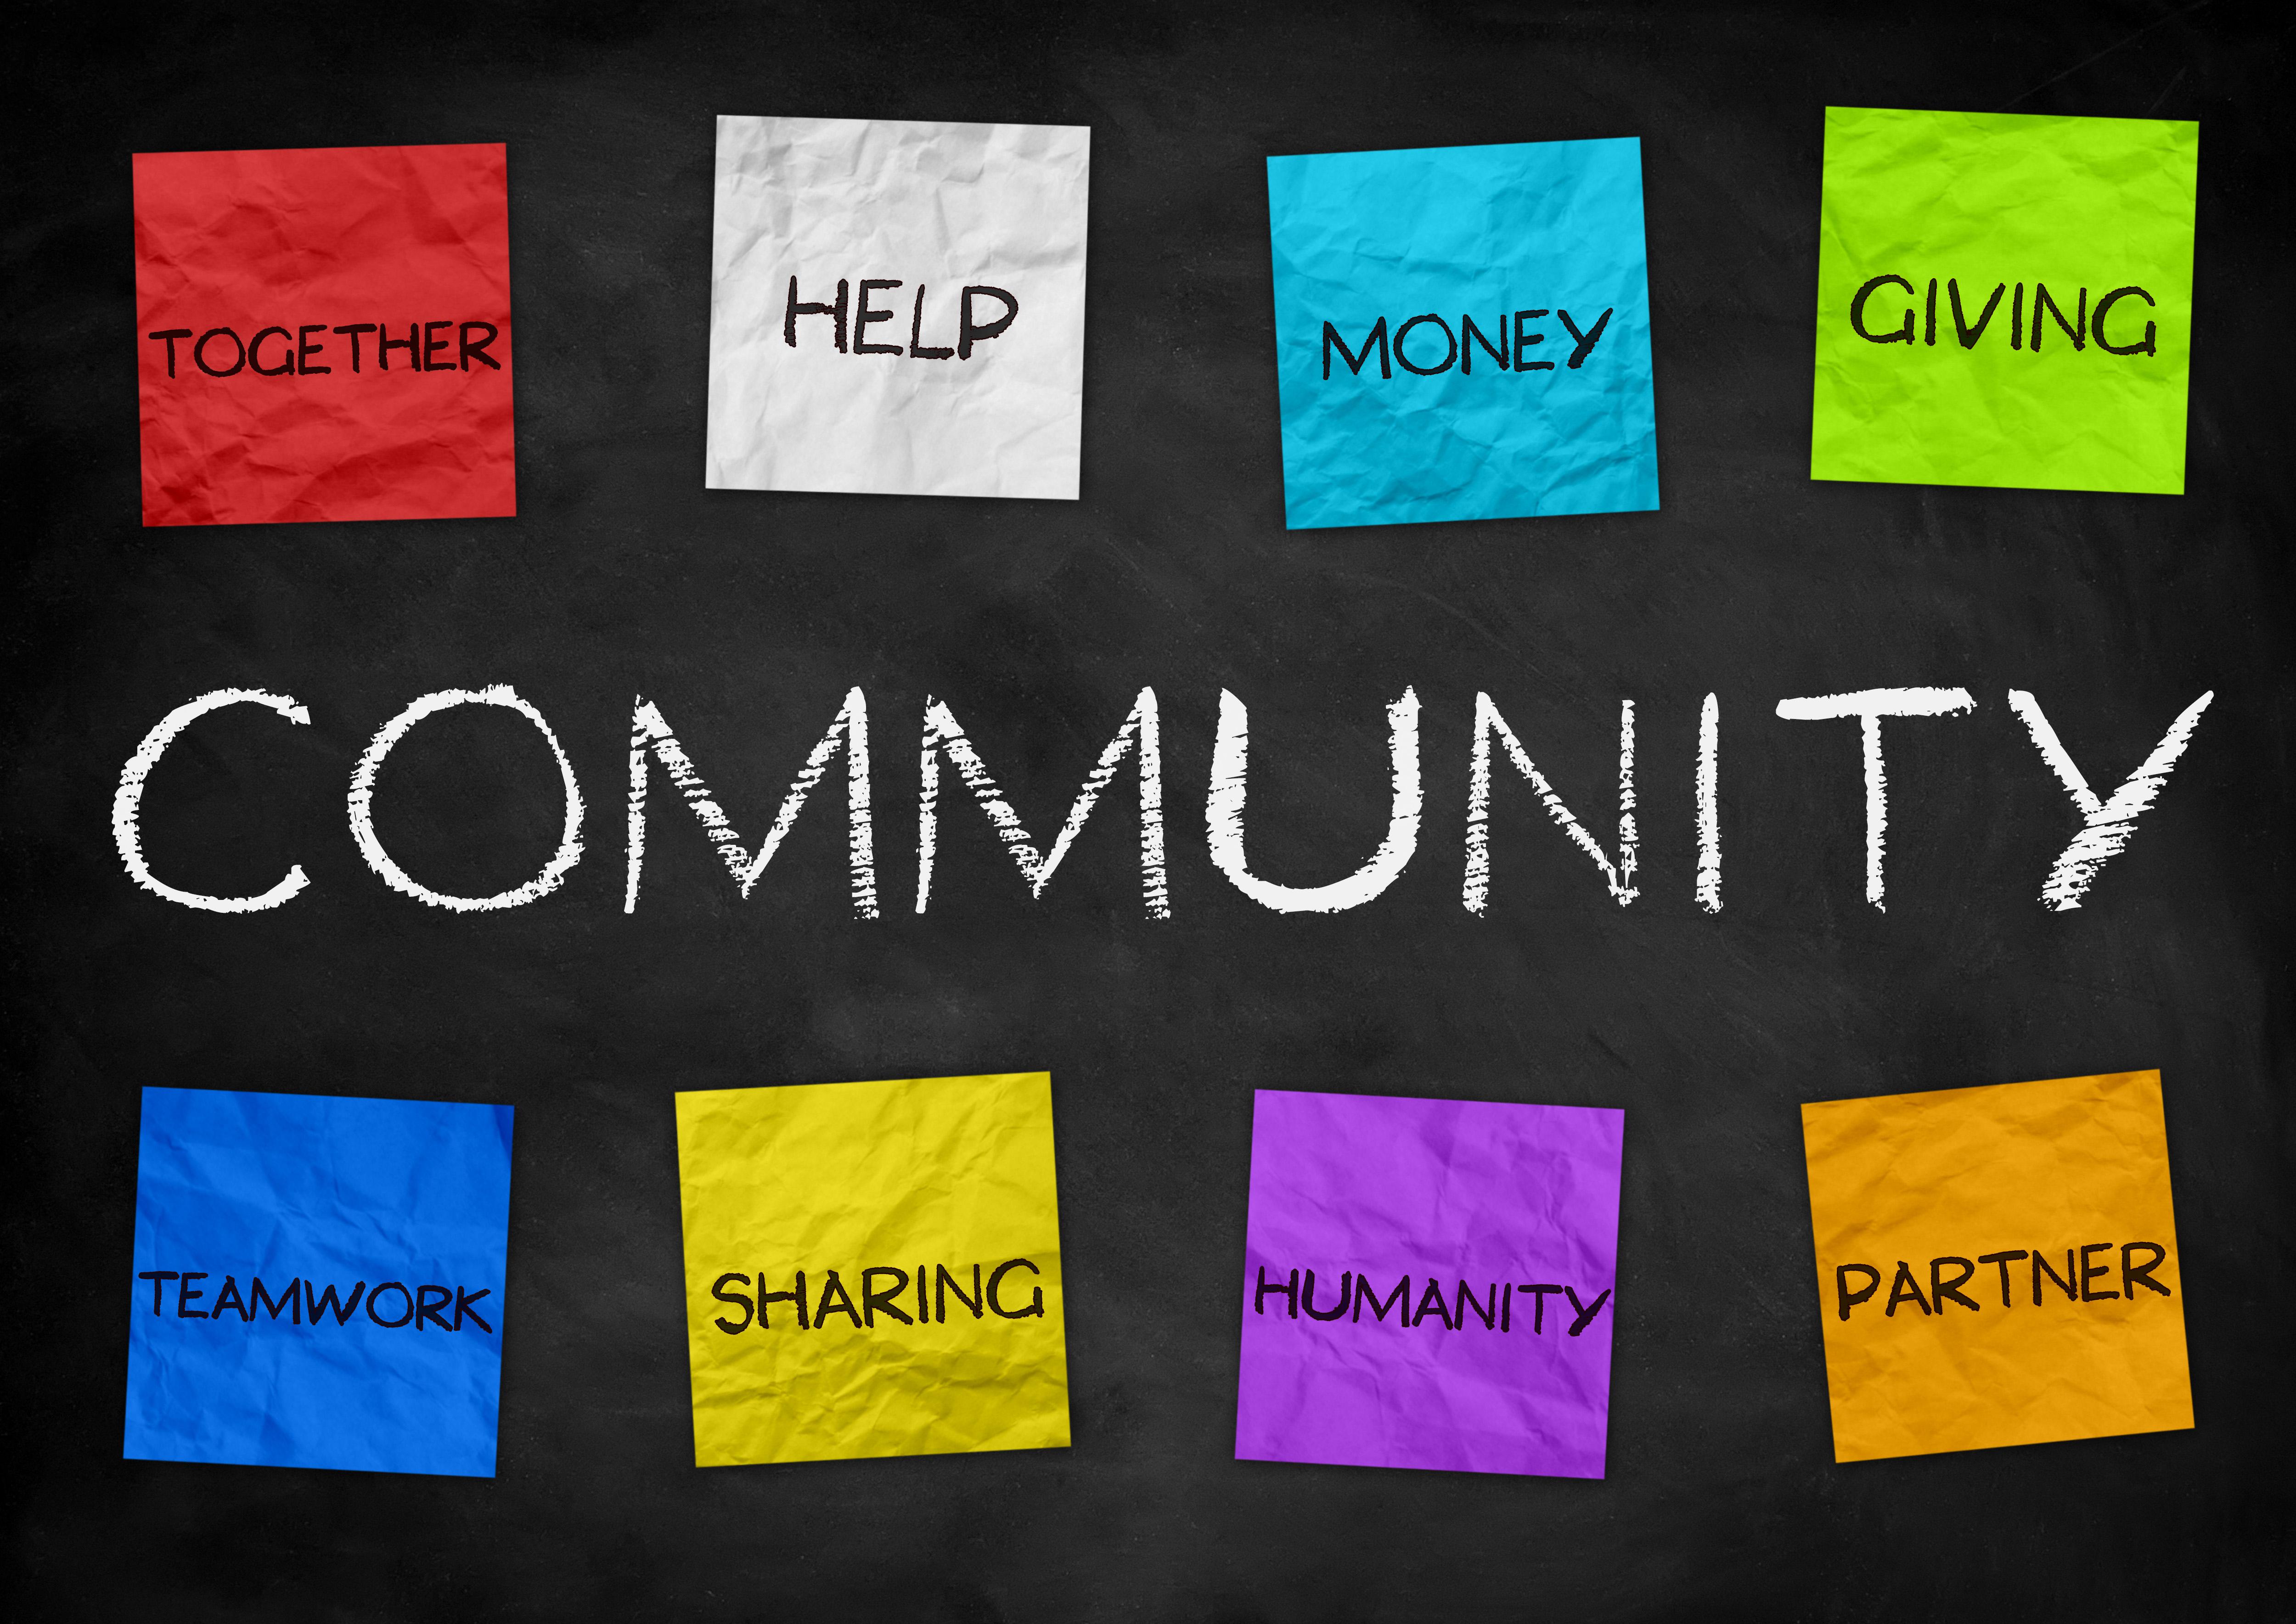 Community - illustration background